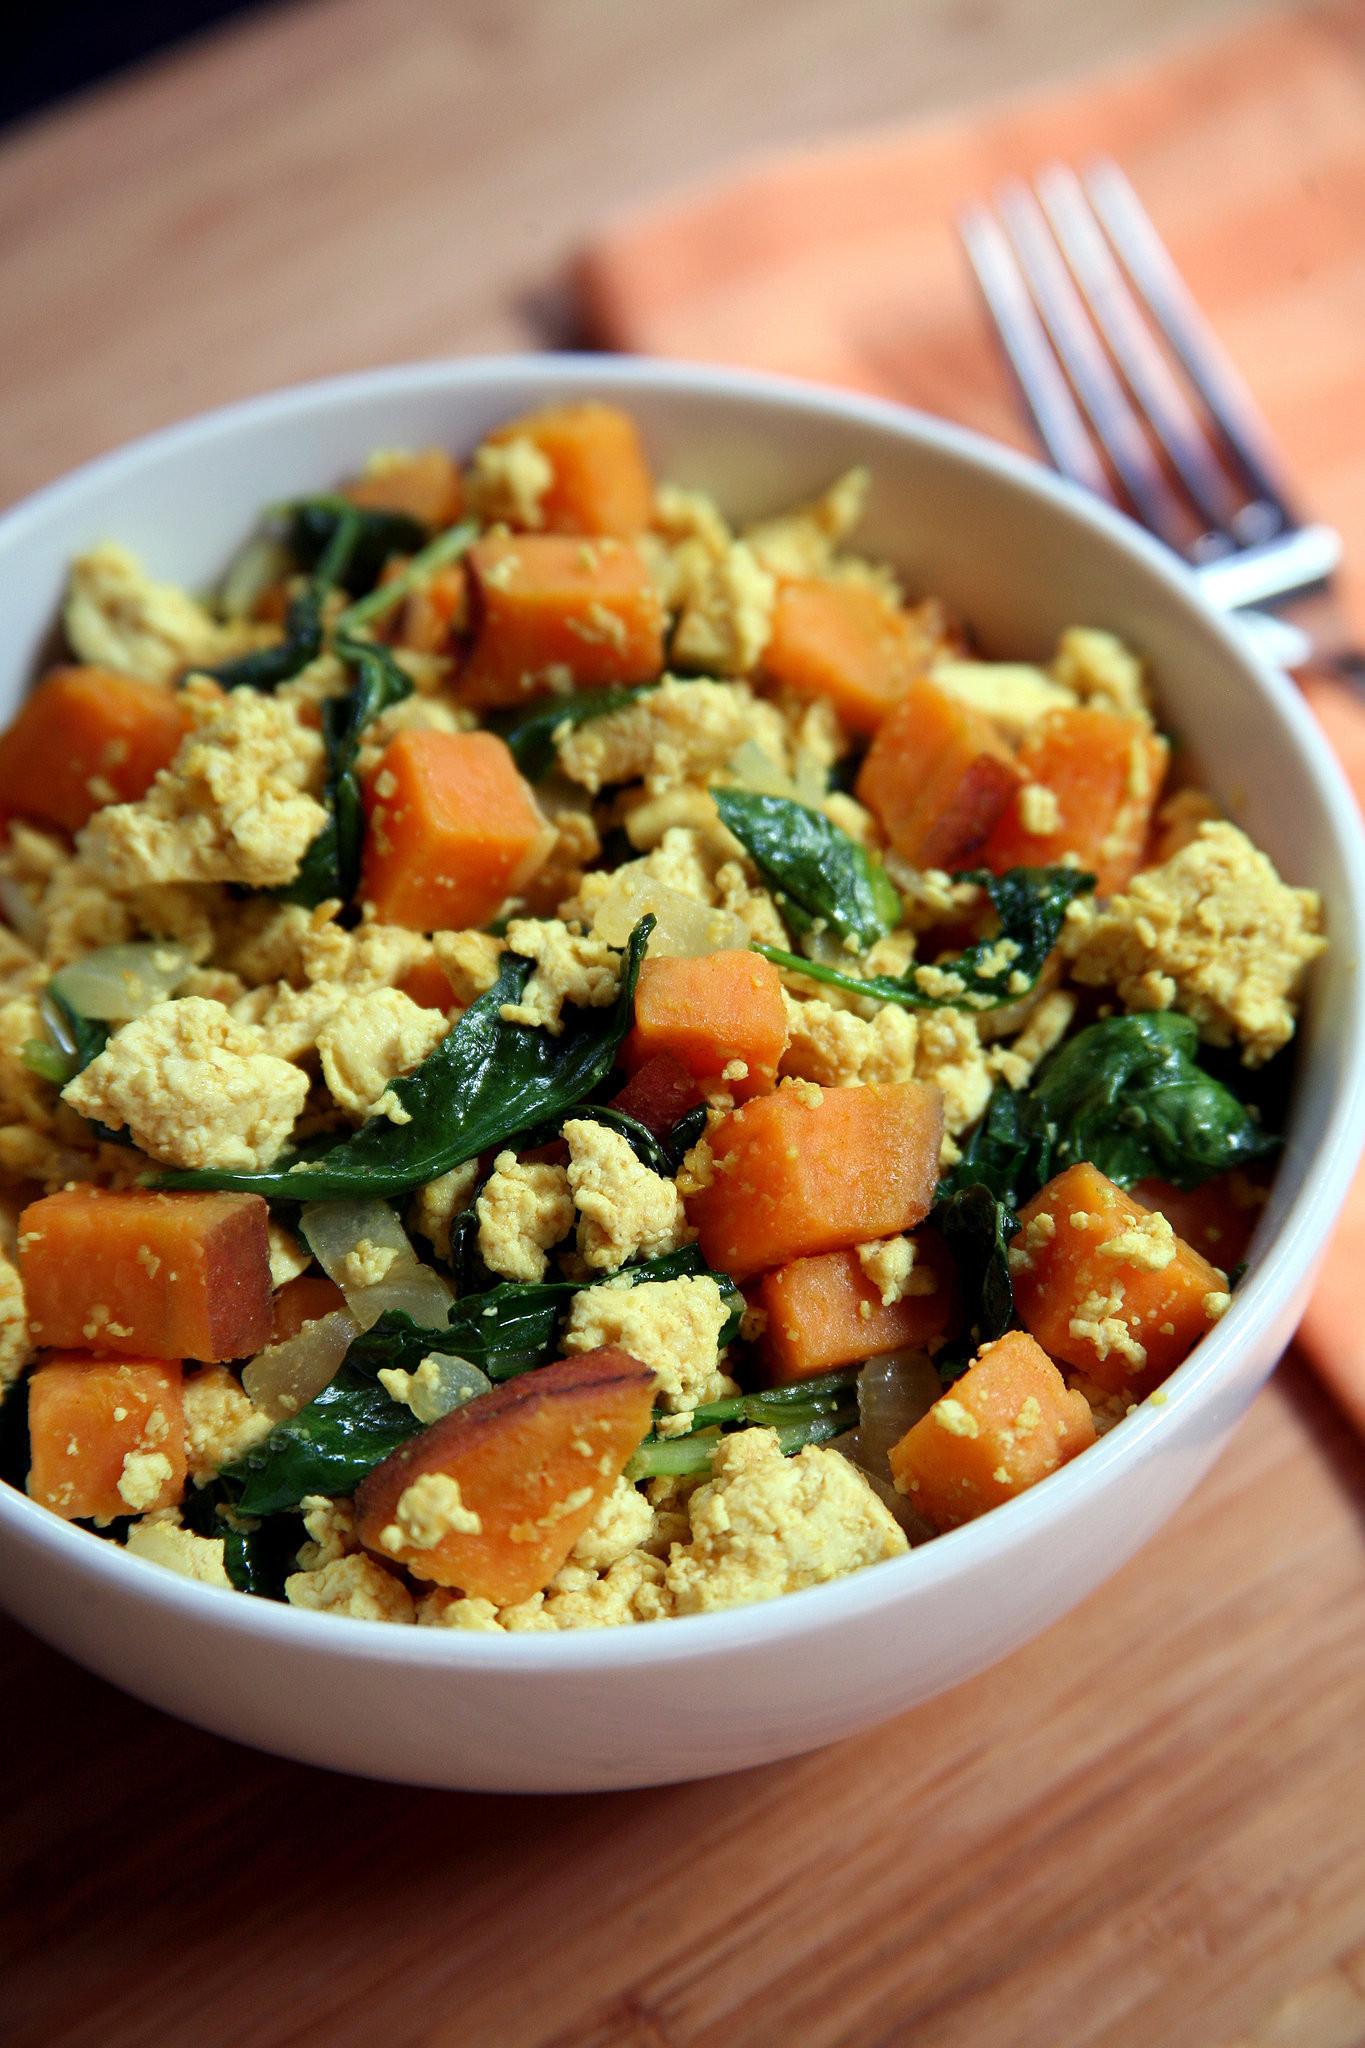 Vegan Breakfast Recipe  Vegan Breakfast Recipes Tofu Kale Sweet Potato Scramble